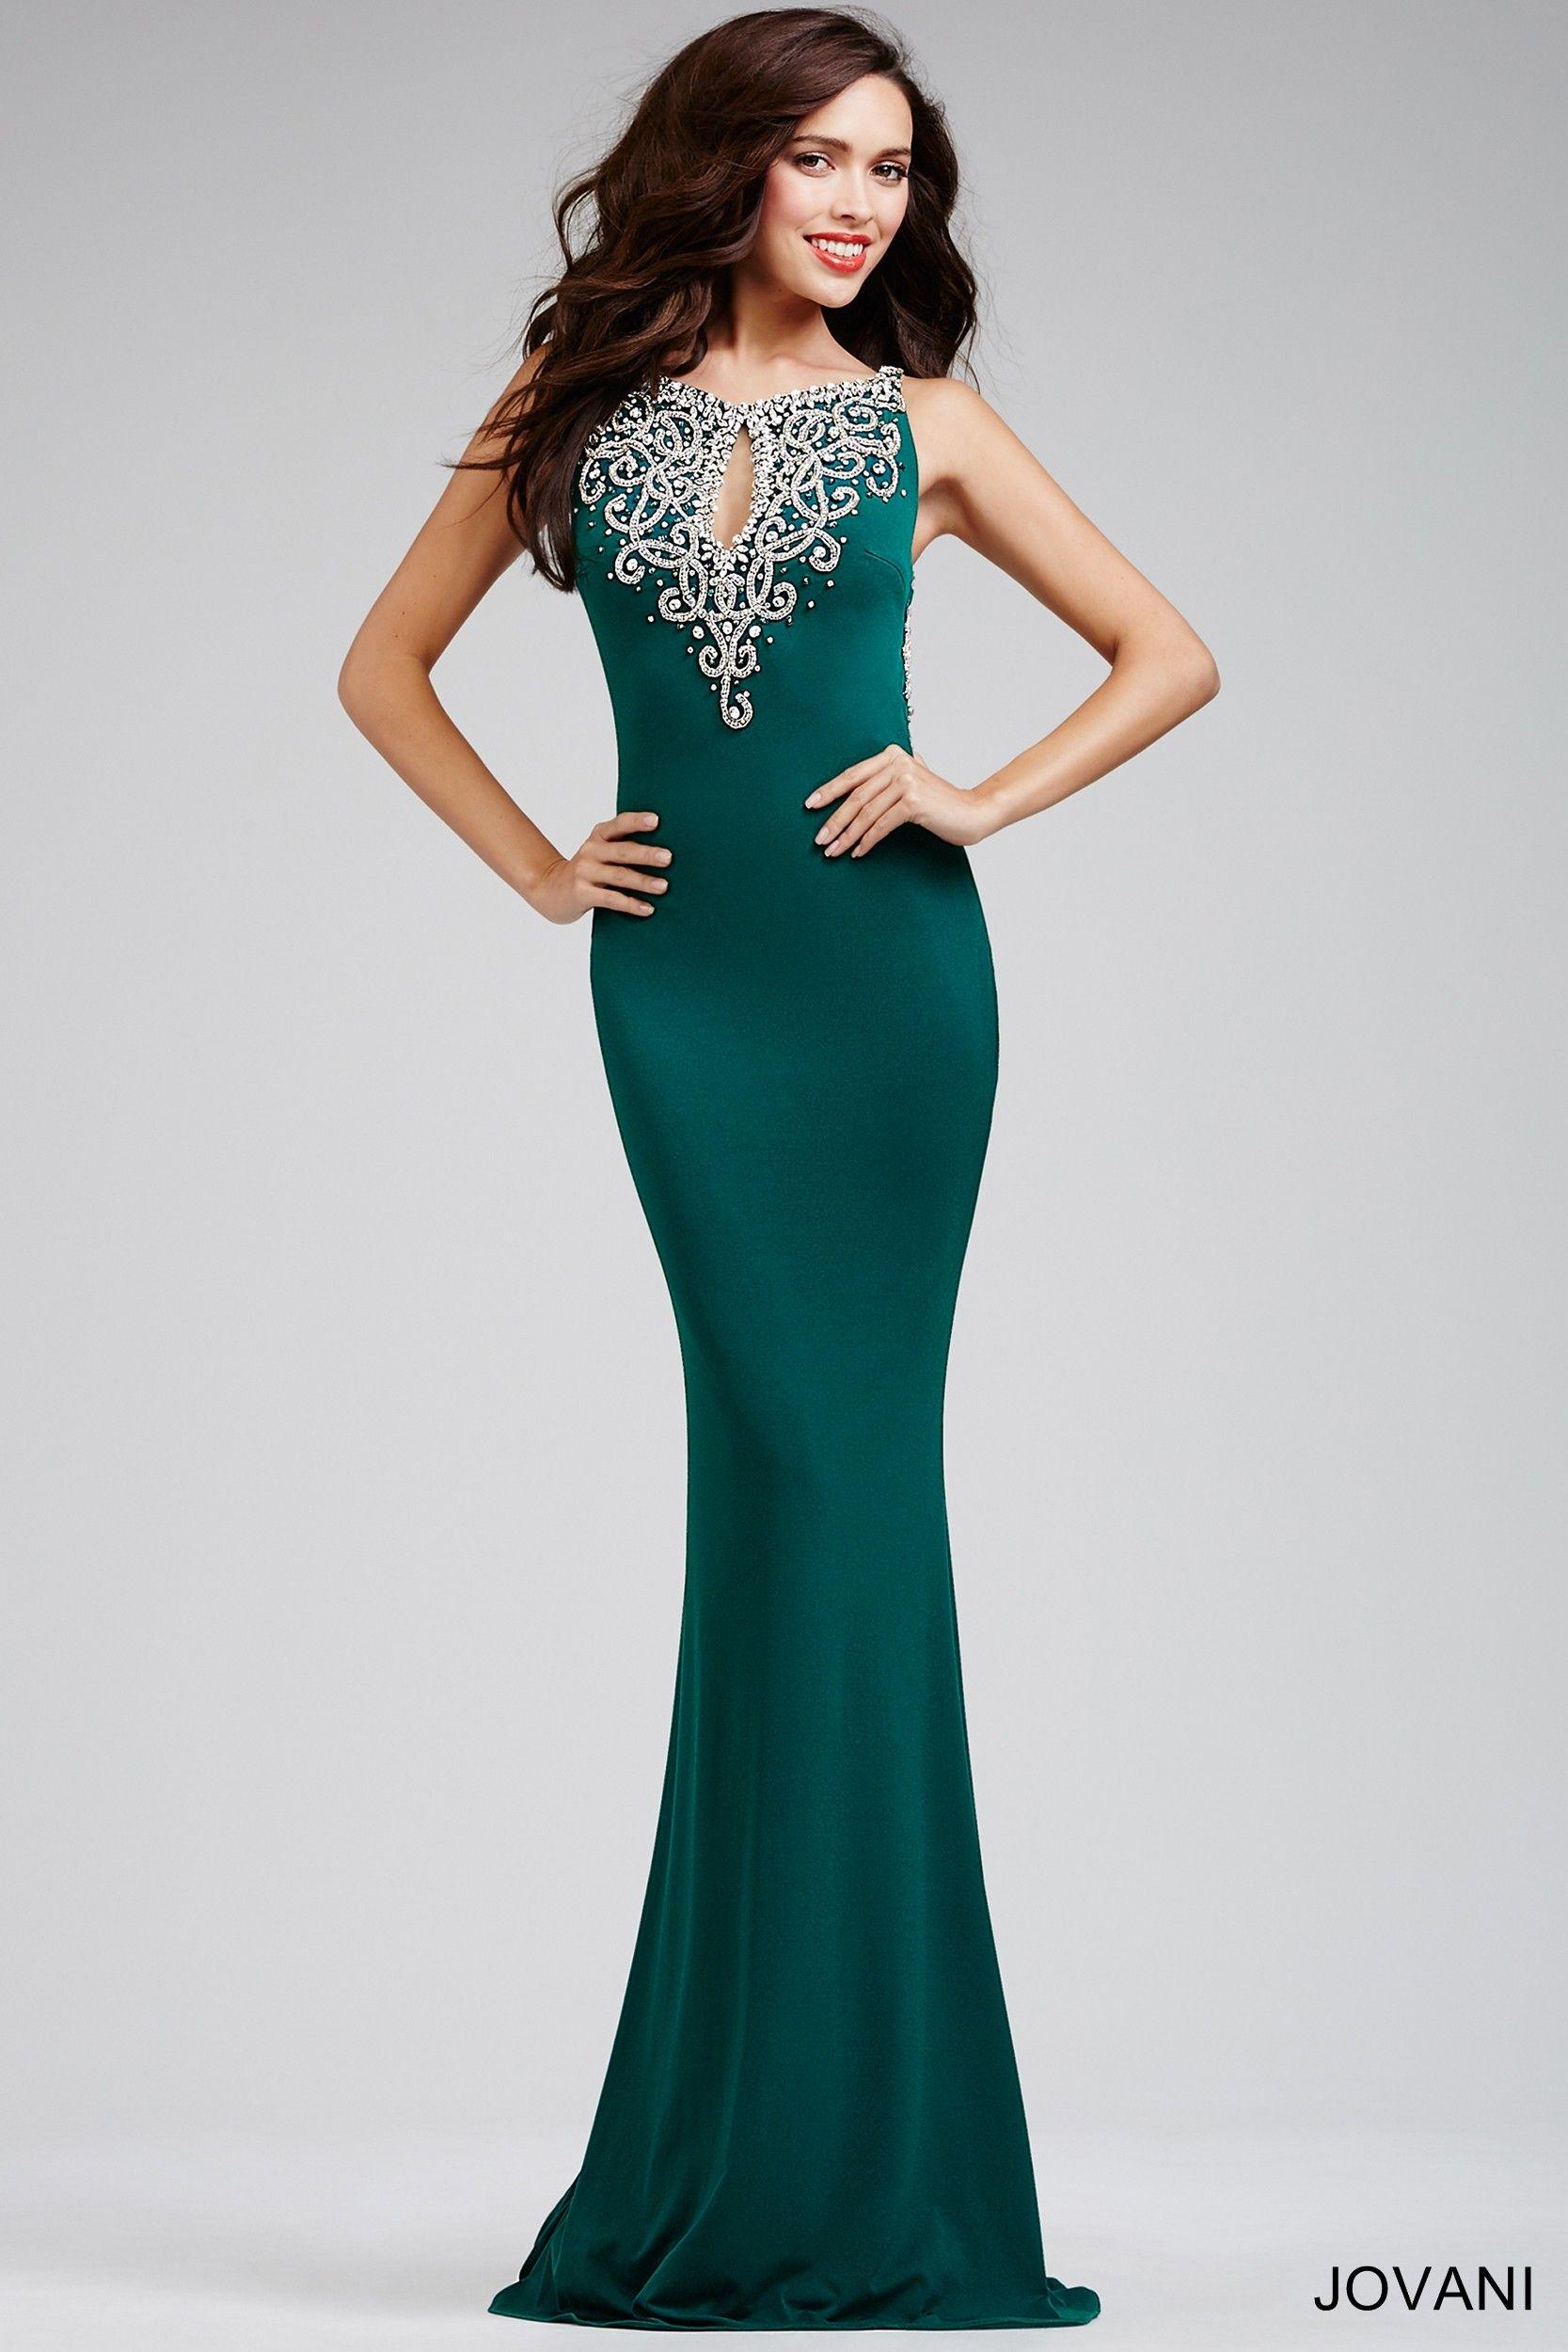 Jovani Green Cocktail Dress